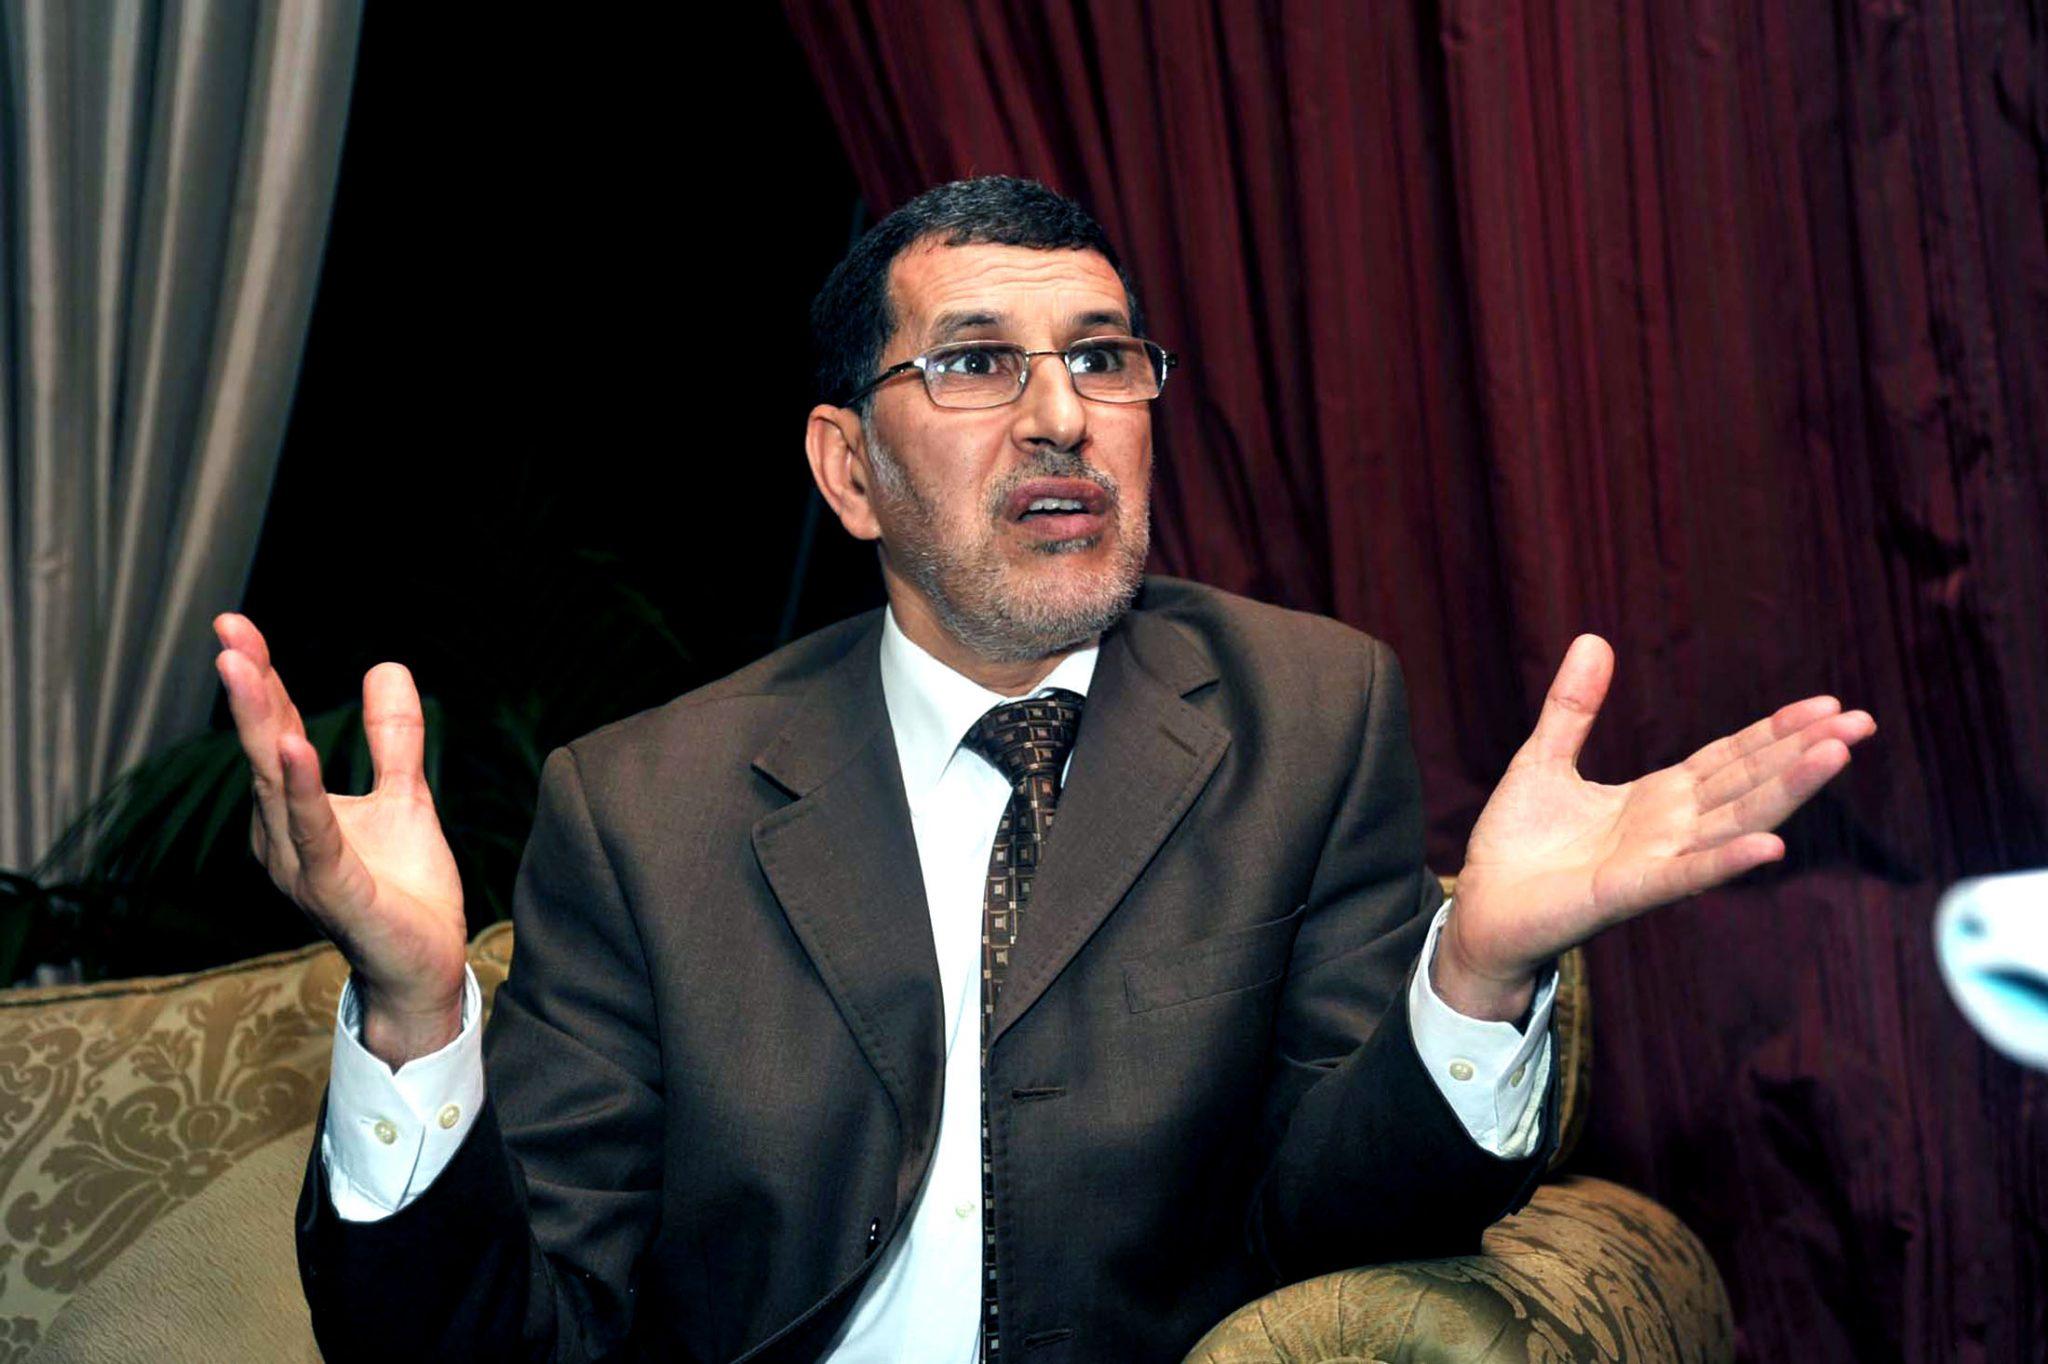 النقابات ترص صفوفها للاحتجاج على حكومة سعد الدين العثماني